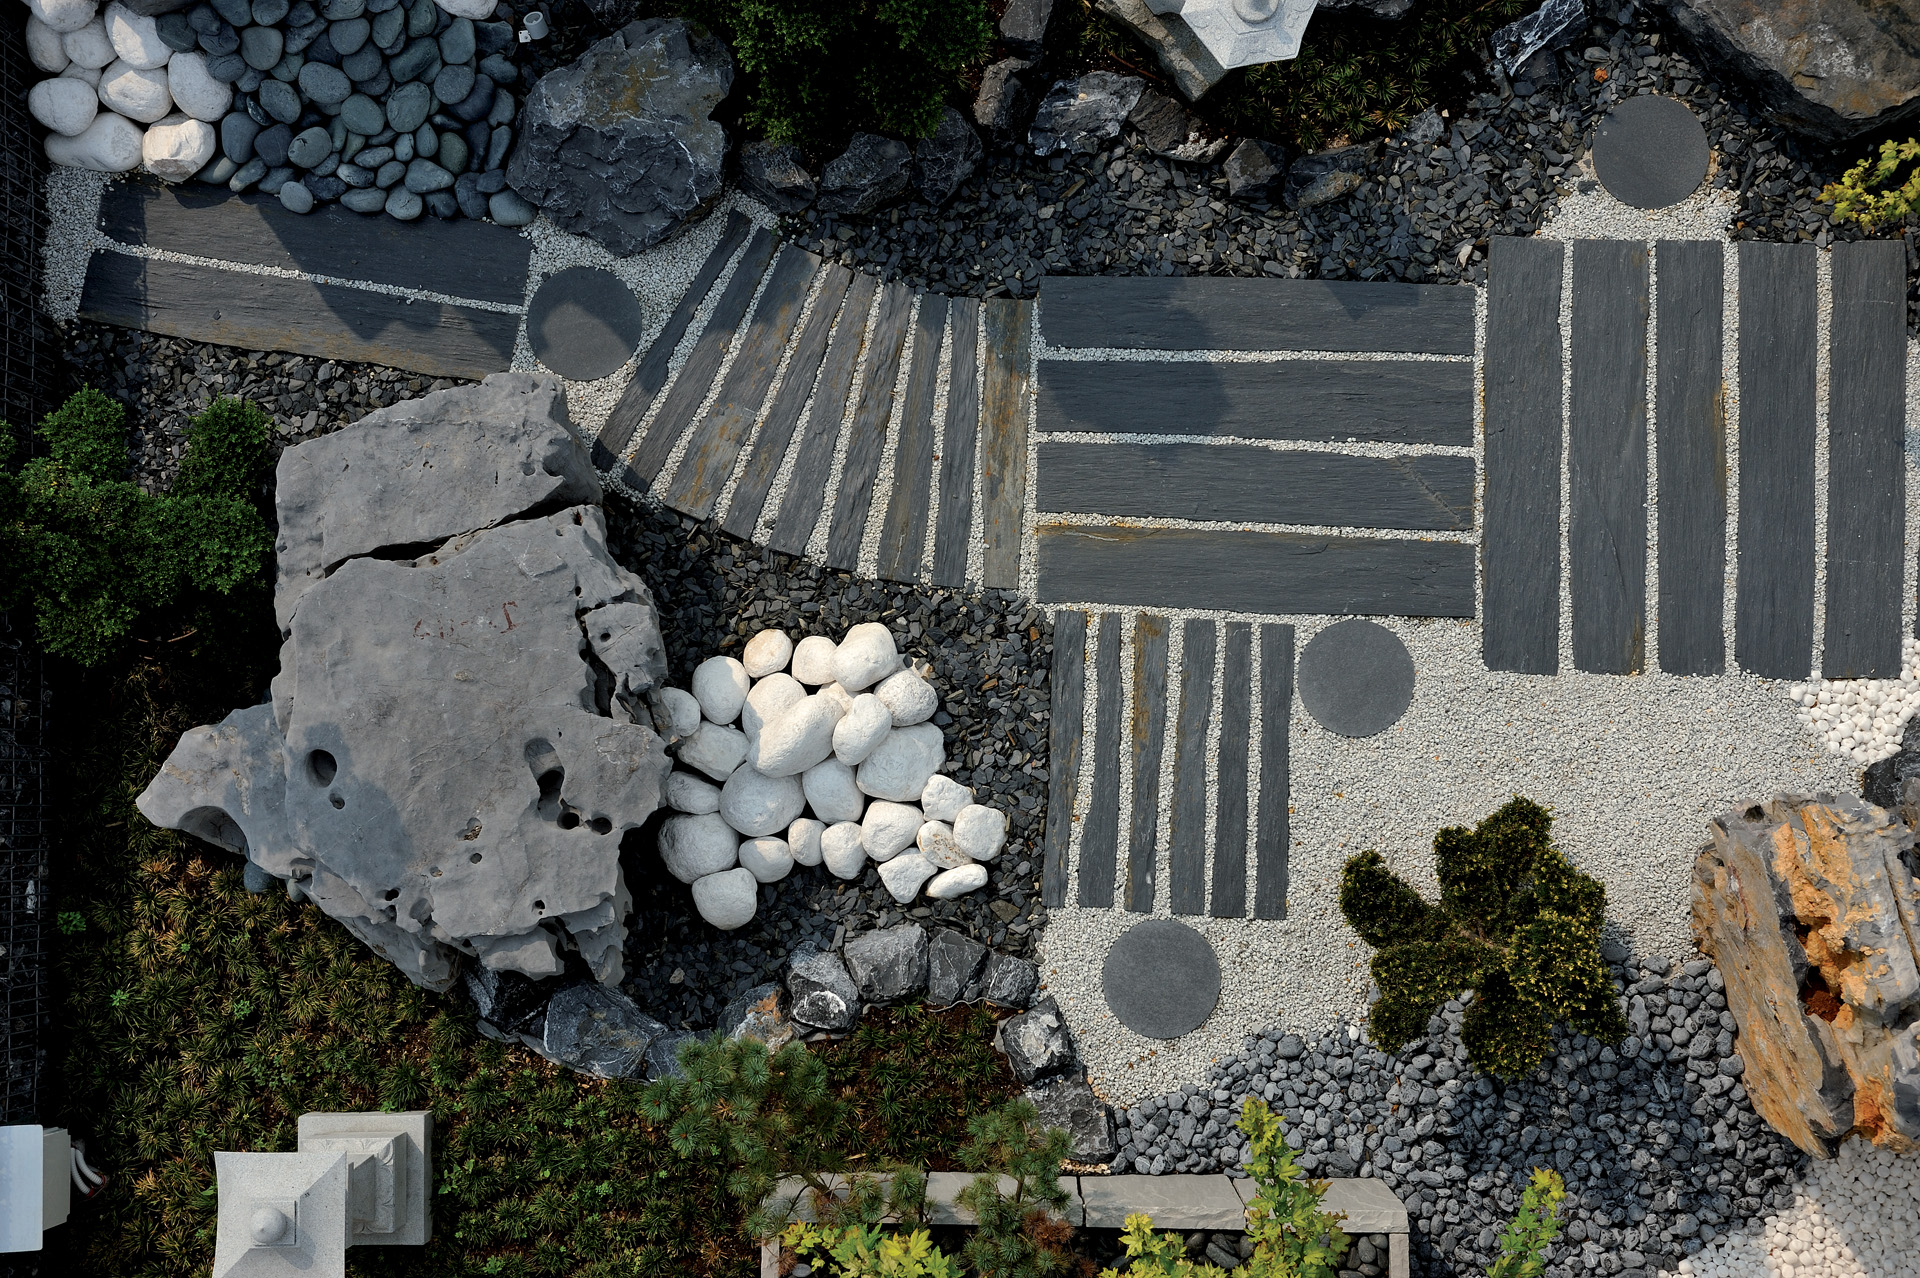 Jardin Japonais, galets et gravier. Réalisation Woodstone Project.